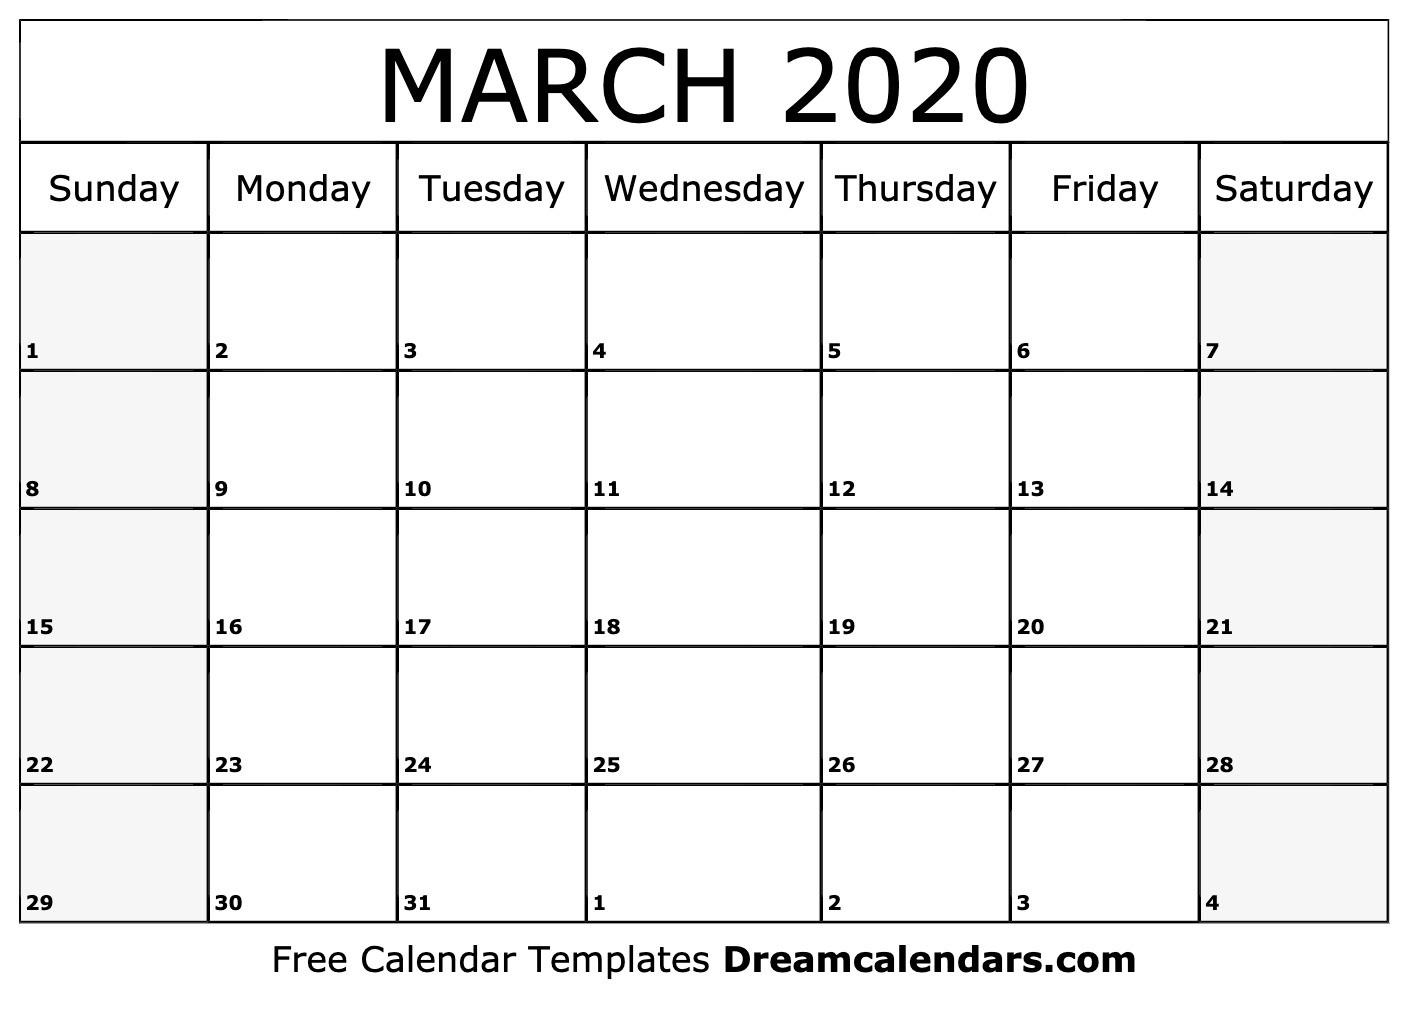 2020 March Calendar Printable March 2020 Calendar